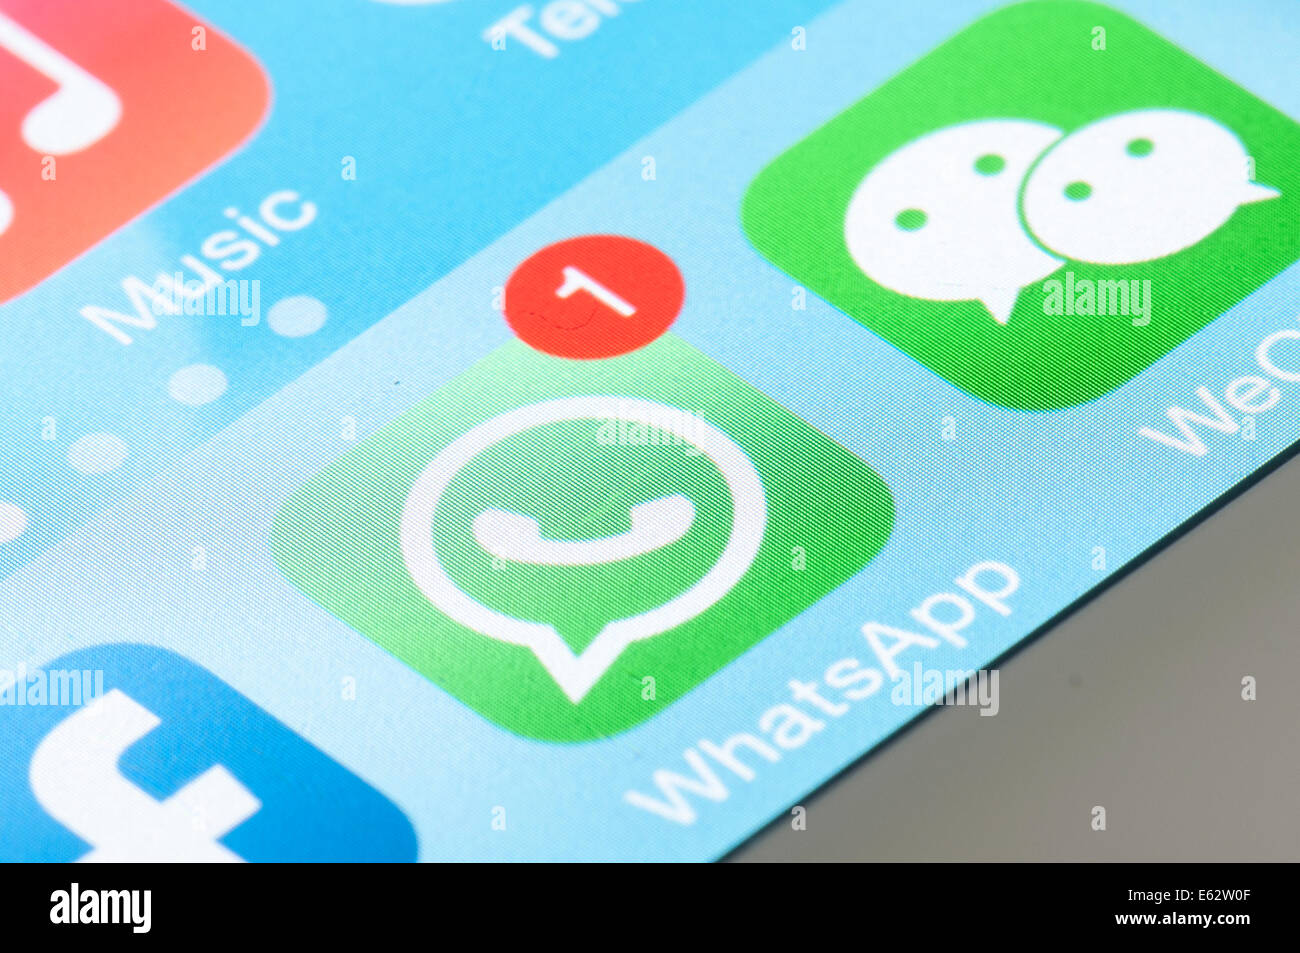 WhatsApp whats app icône dans l'écran mobile logo Photo Stock